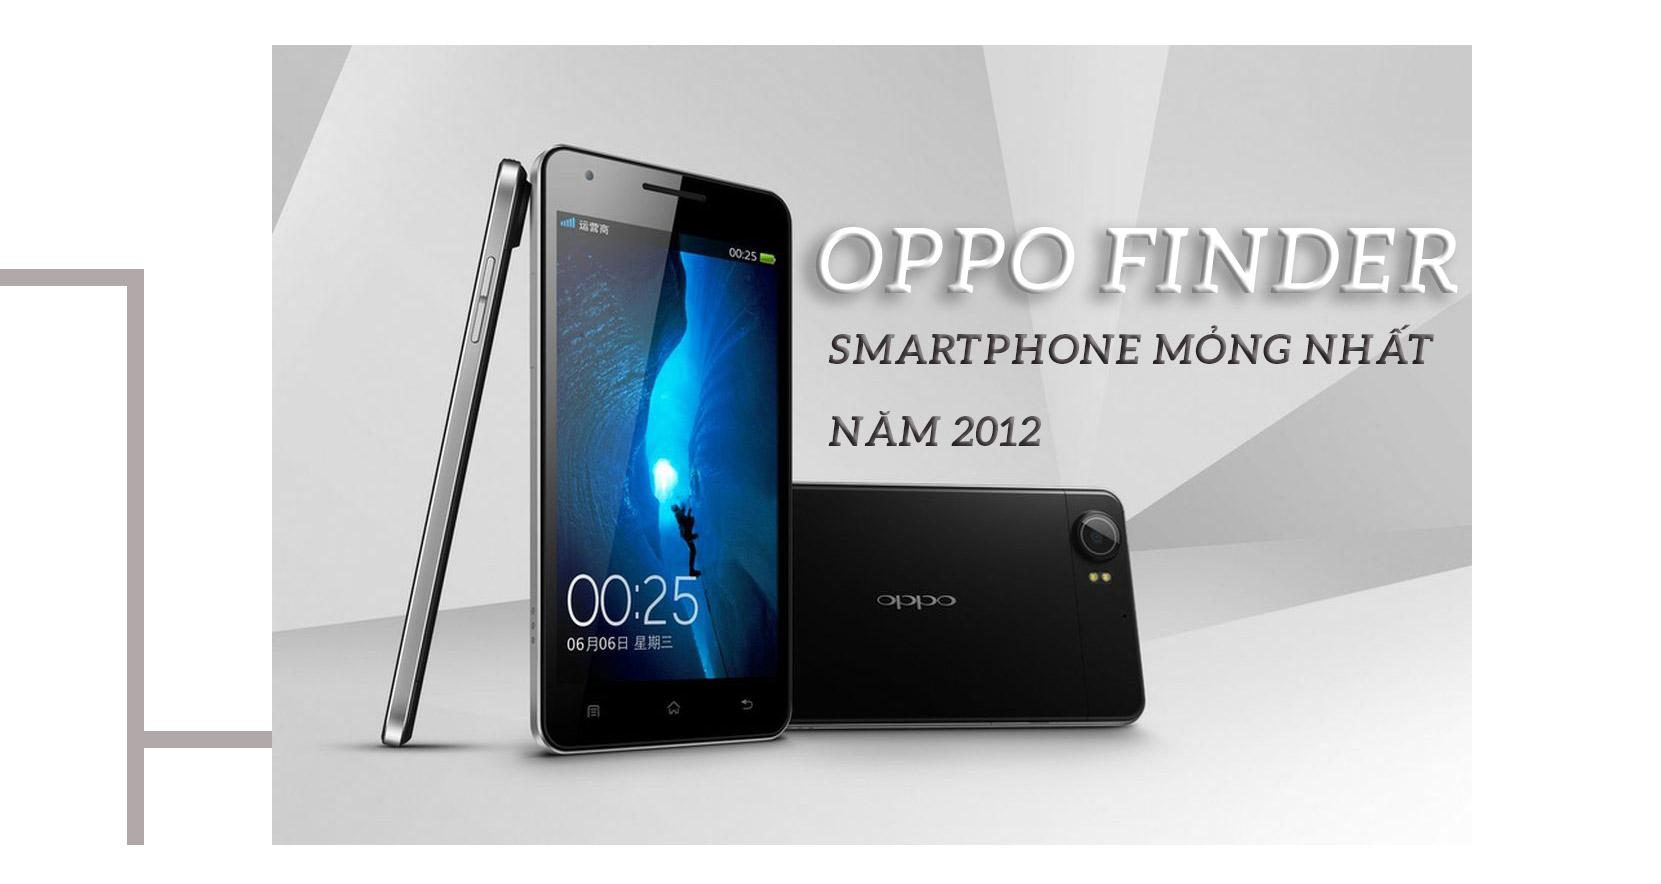 """OPPO và hành trình """"lột xác"""" phần cứng qua từng dòng smartphone - 7"""